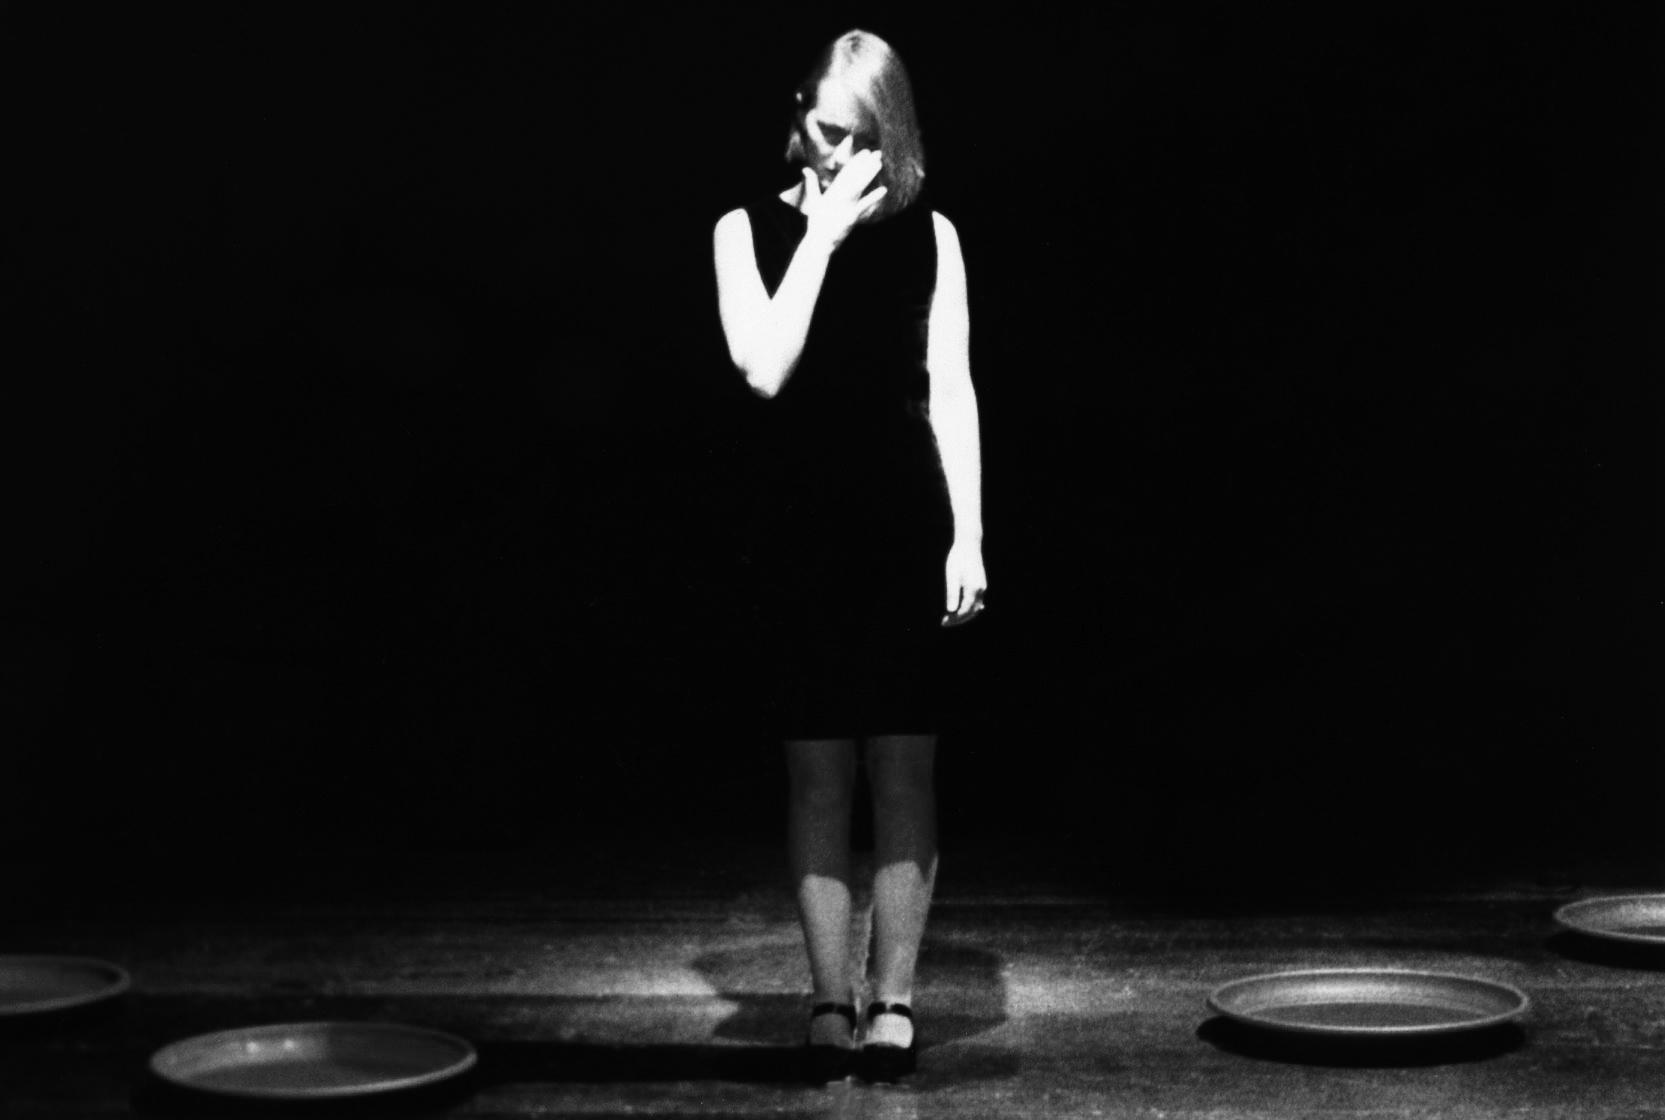 iN CERCA DI FRASI VERE - Daria + vaschette.jpg